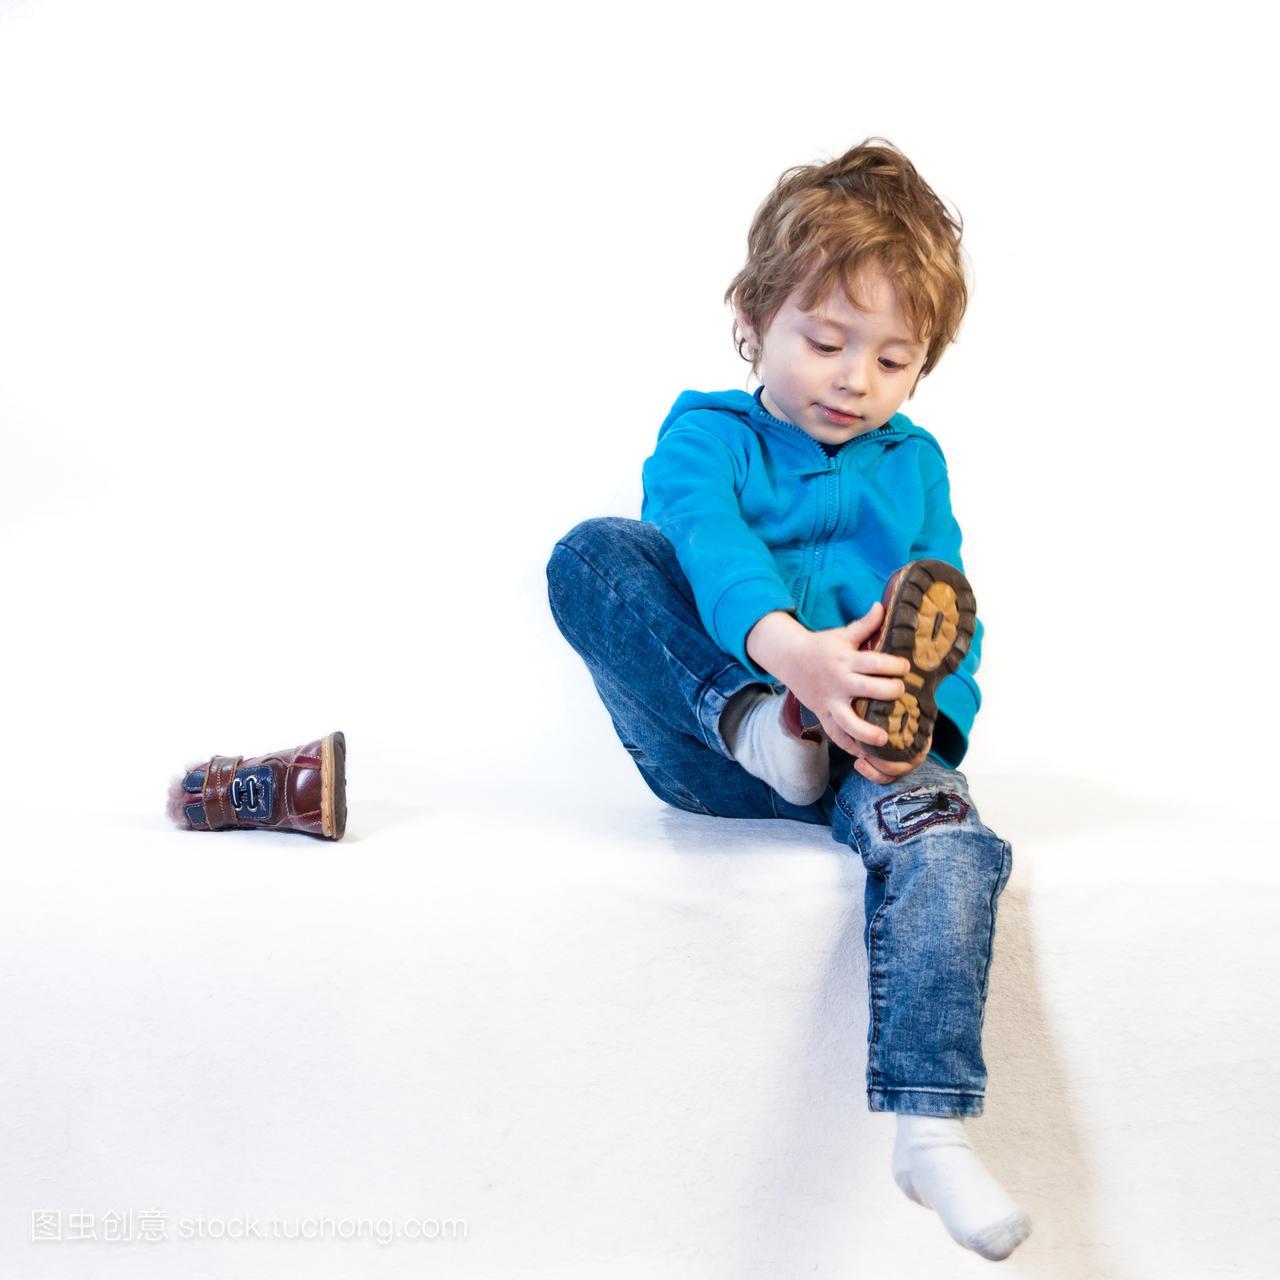 一个三岁的小孩试着穿鞋。隔离在一个图解枪喷火图片